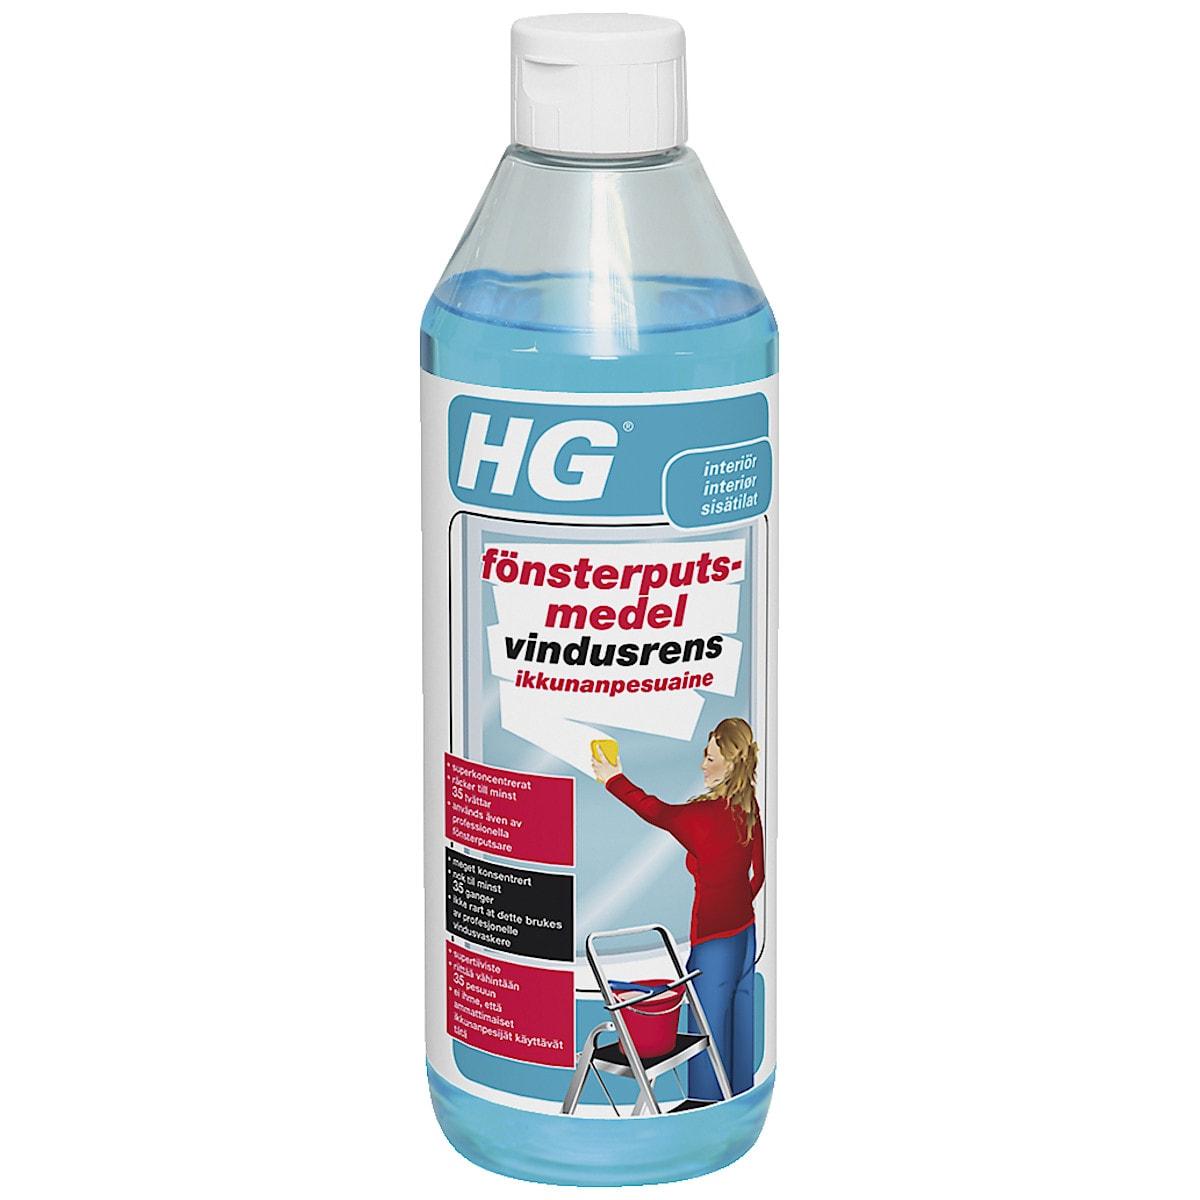 Fönsterputsmedel HG